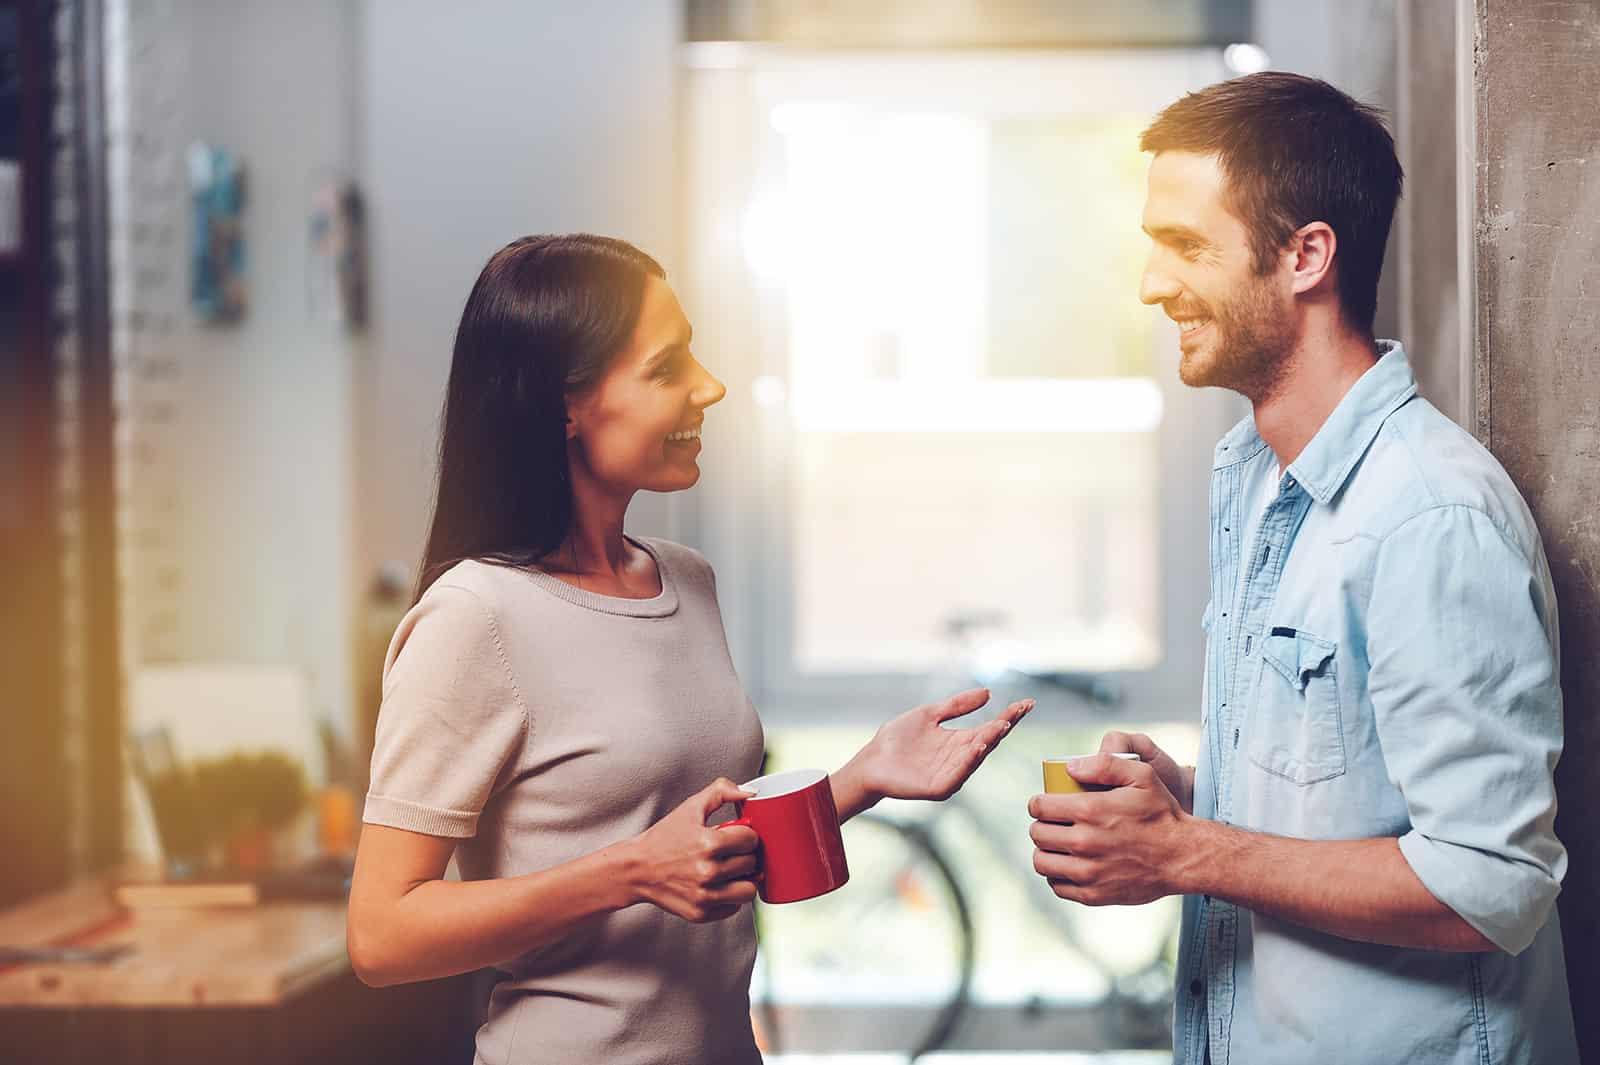 Ein fröhlicher Mann und eine Frau unterhalten sich beim Kaffeetrinken im Stehen